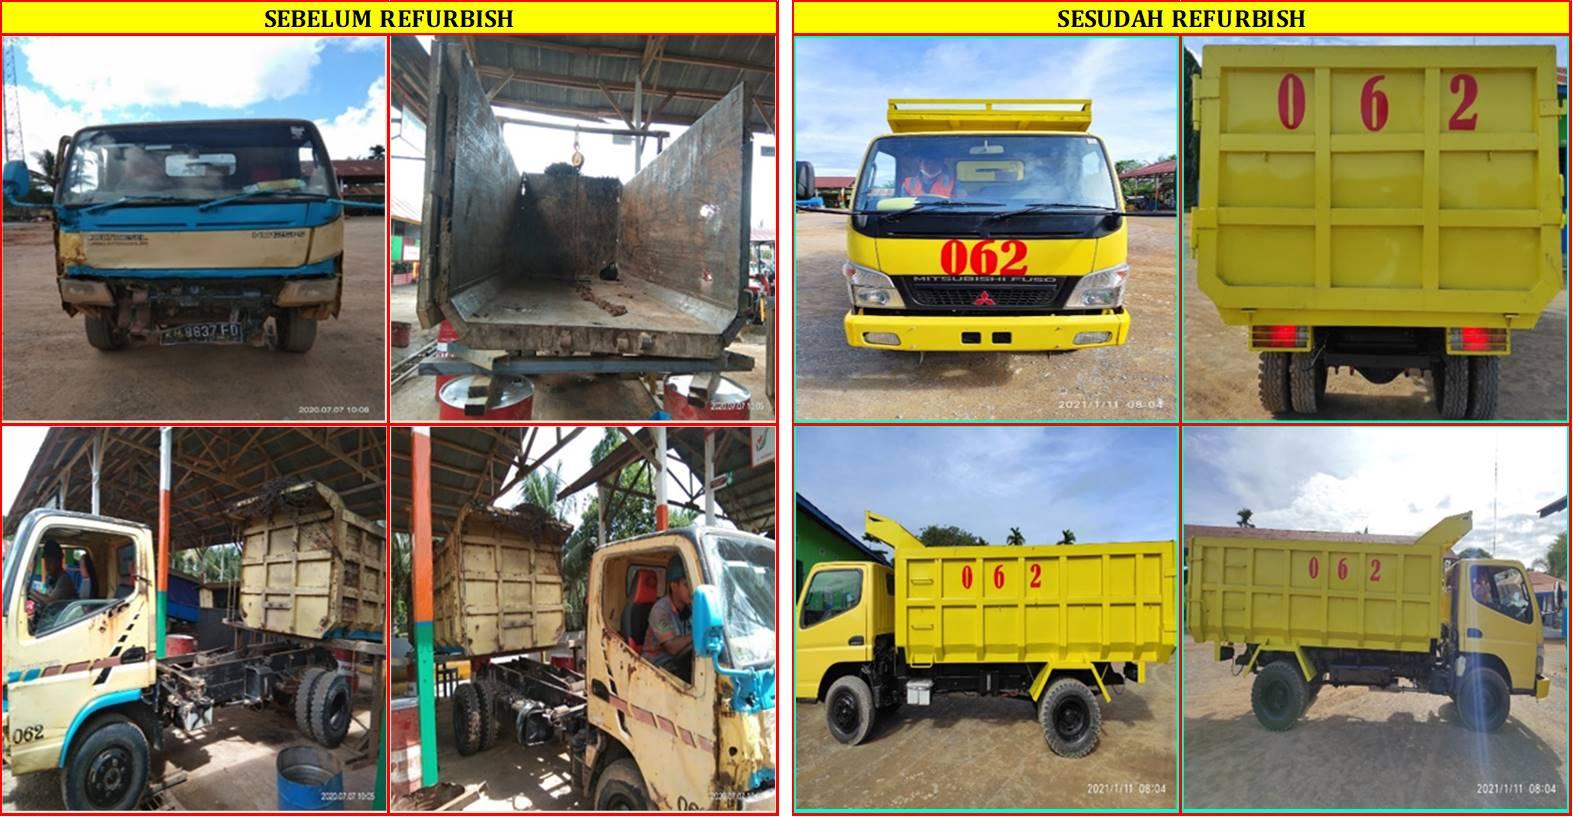 CMNT : Traksi Pertama di BGA untuk meRefurbish Unit Dump Truck